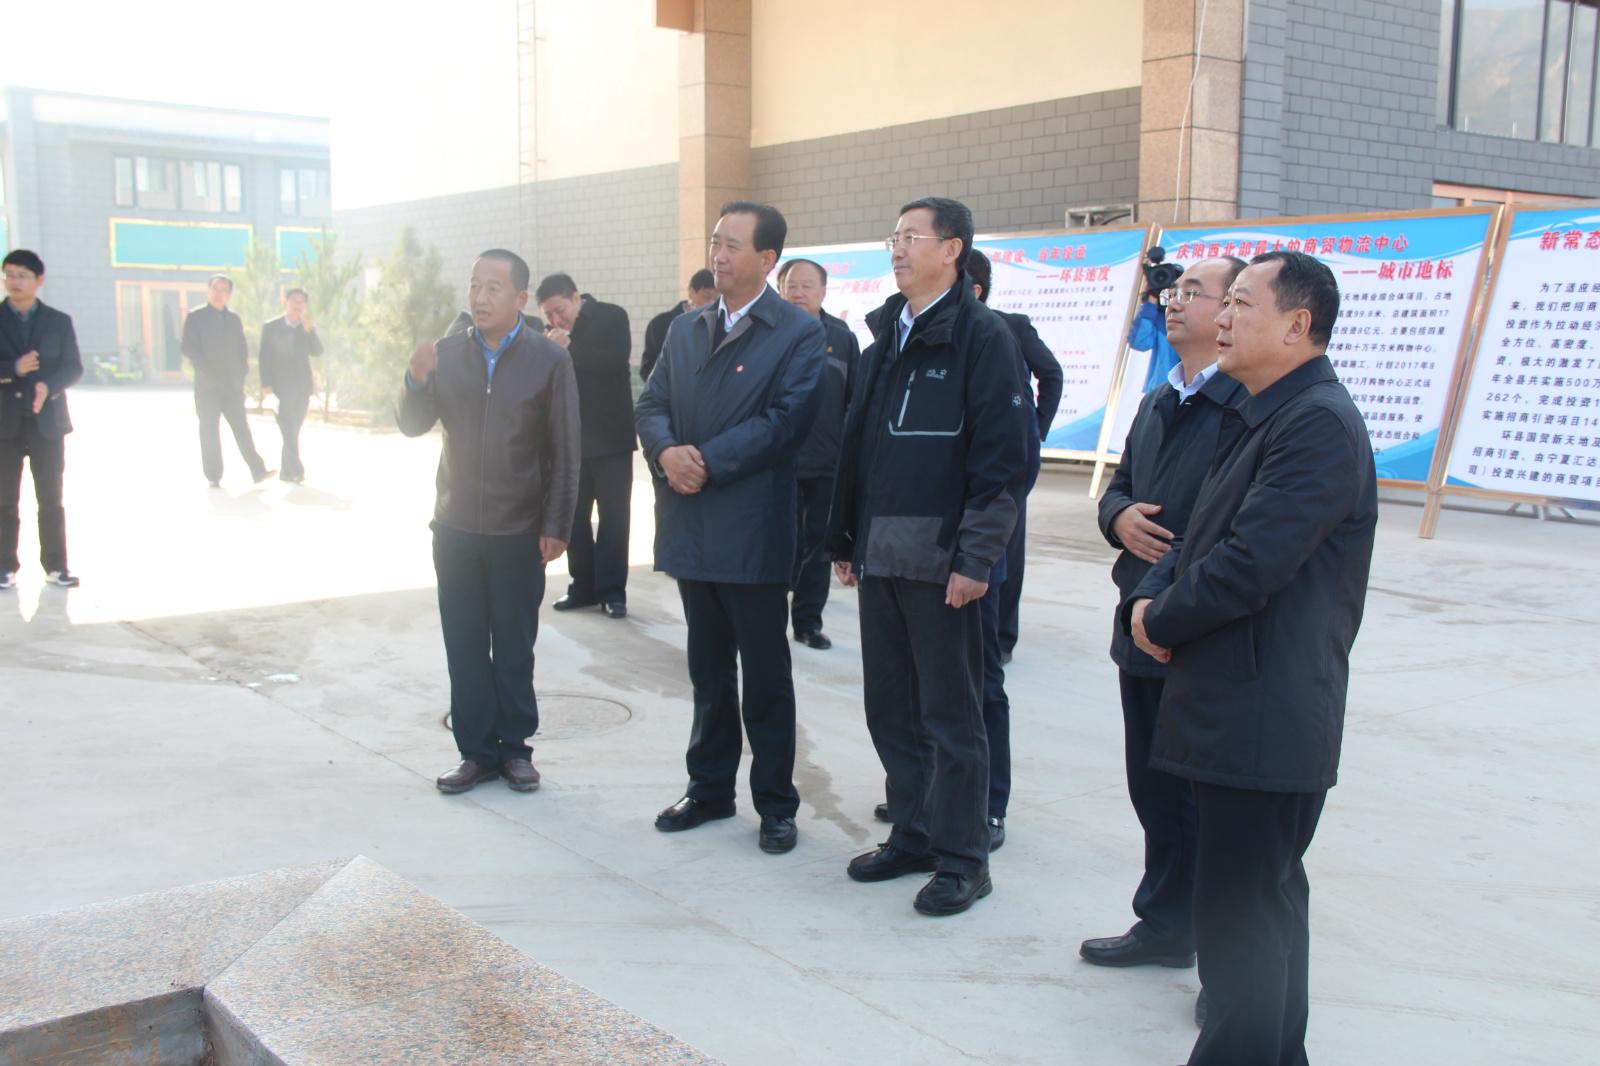 市委书记栾克军与市长朱涛视察项目